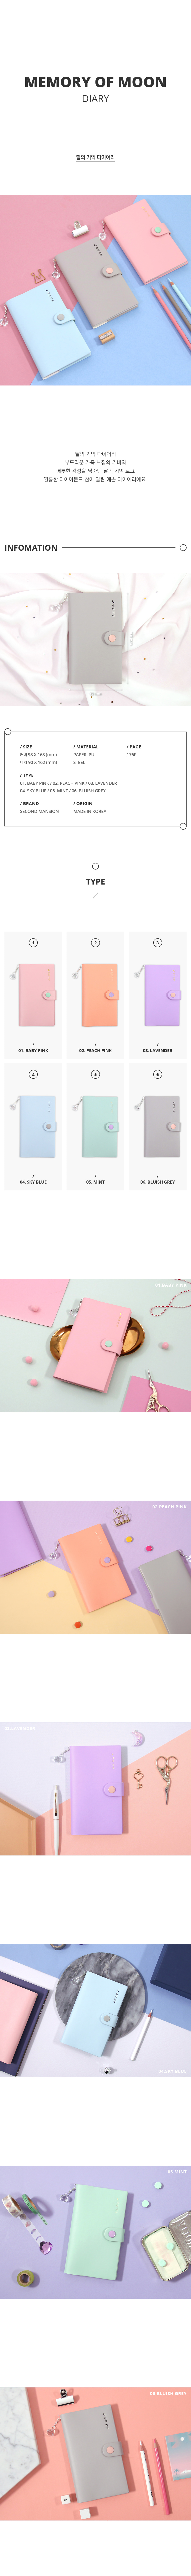 달의 기억 DIARY - 세컨드맨션, 10,900원, 만년형, 심플/베이직